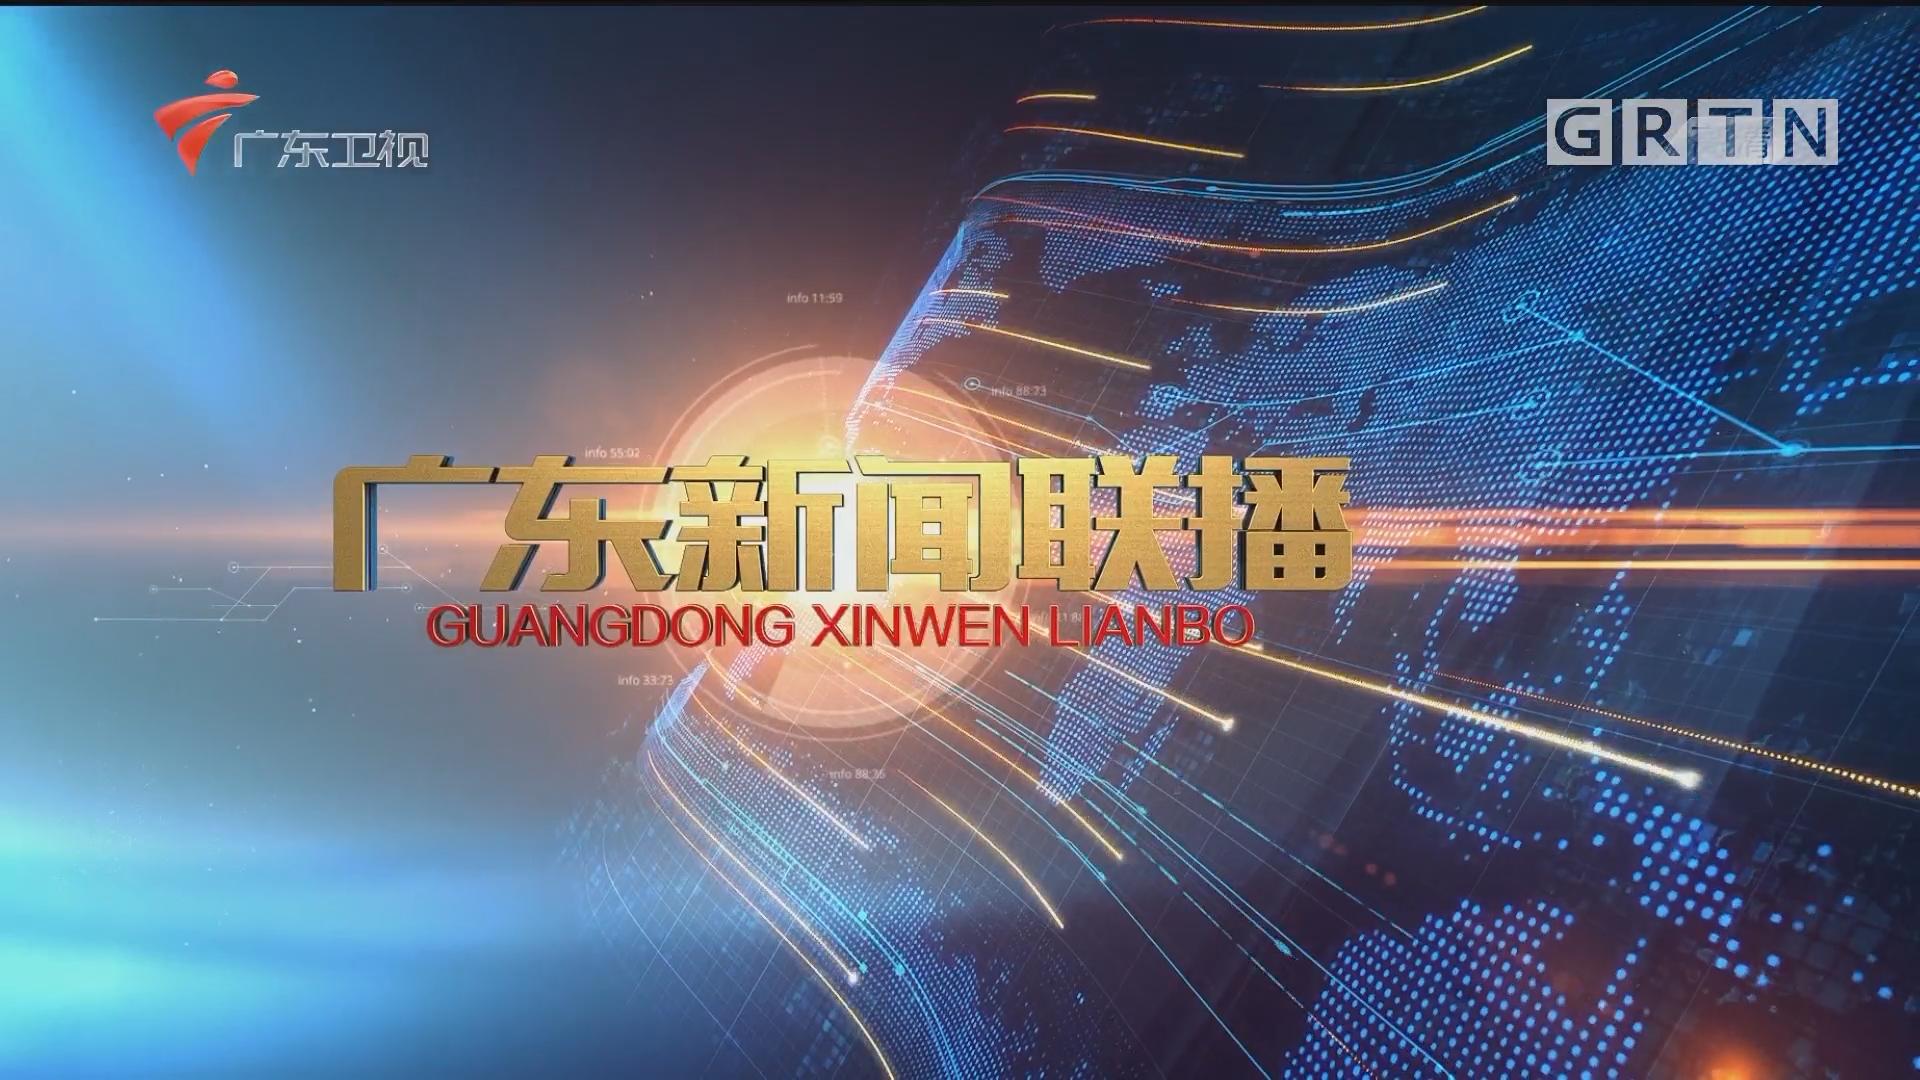 [HD][2017-10-14]广东新闻联播:广东:运用新科技 大数据 打赢环保攻坚战